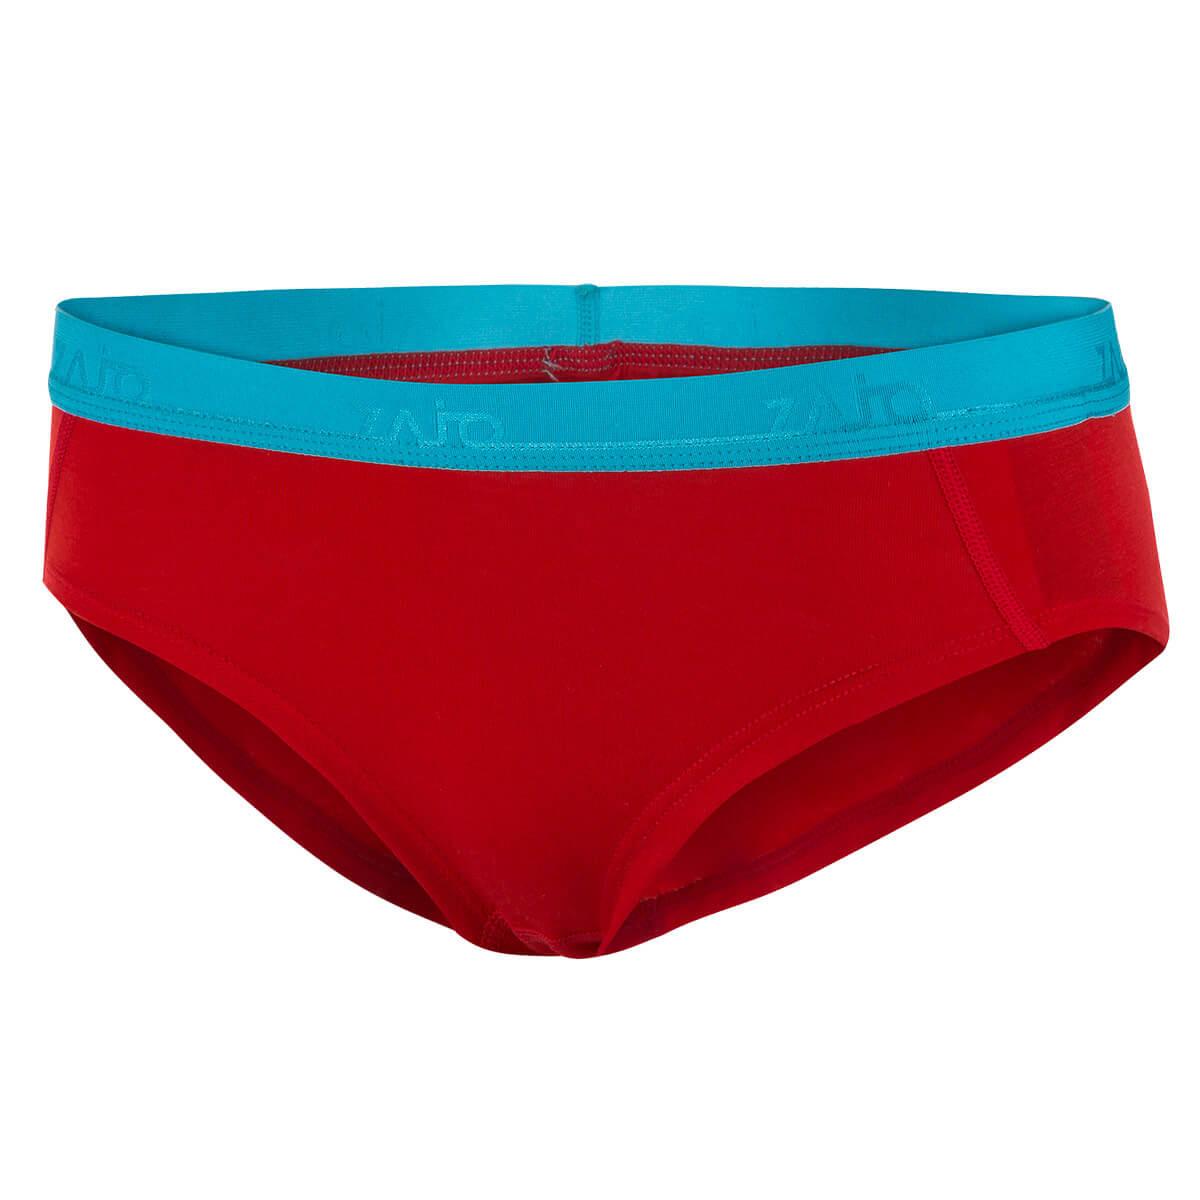 Dámske spodné prádlo Zajo Elsa Merino Nylon W Briefs Racing Red - veľkosť XS